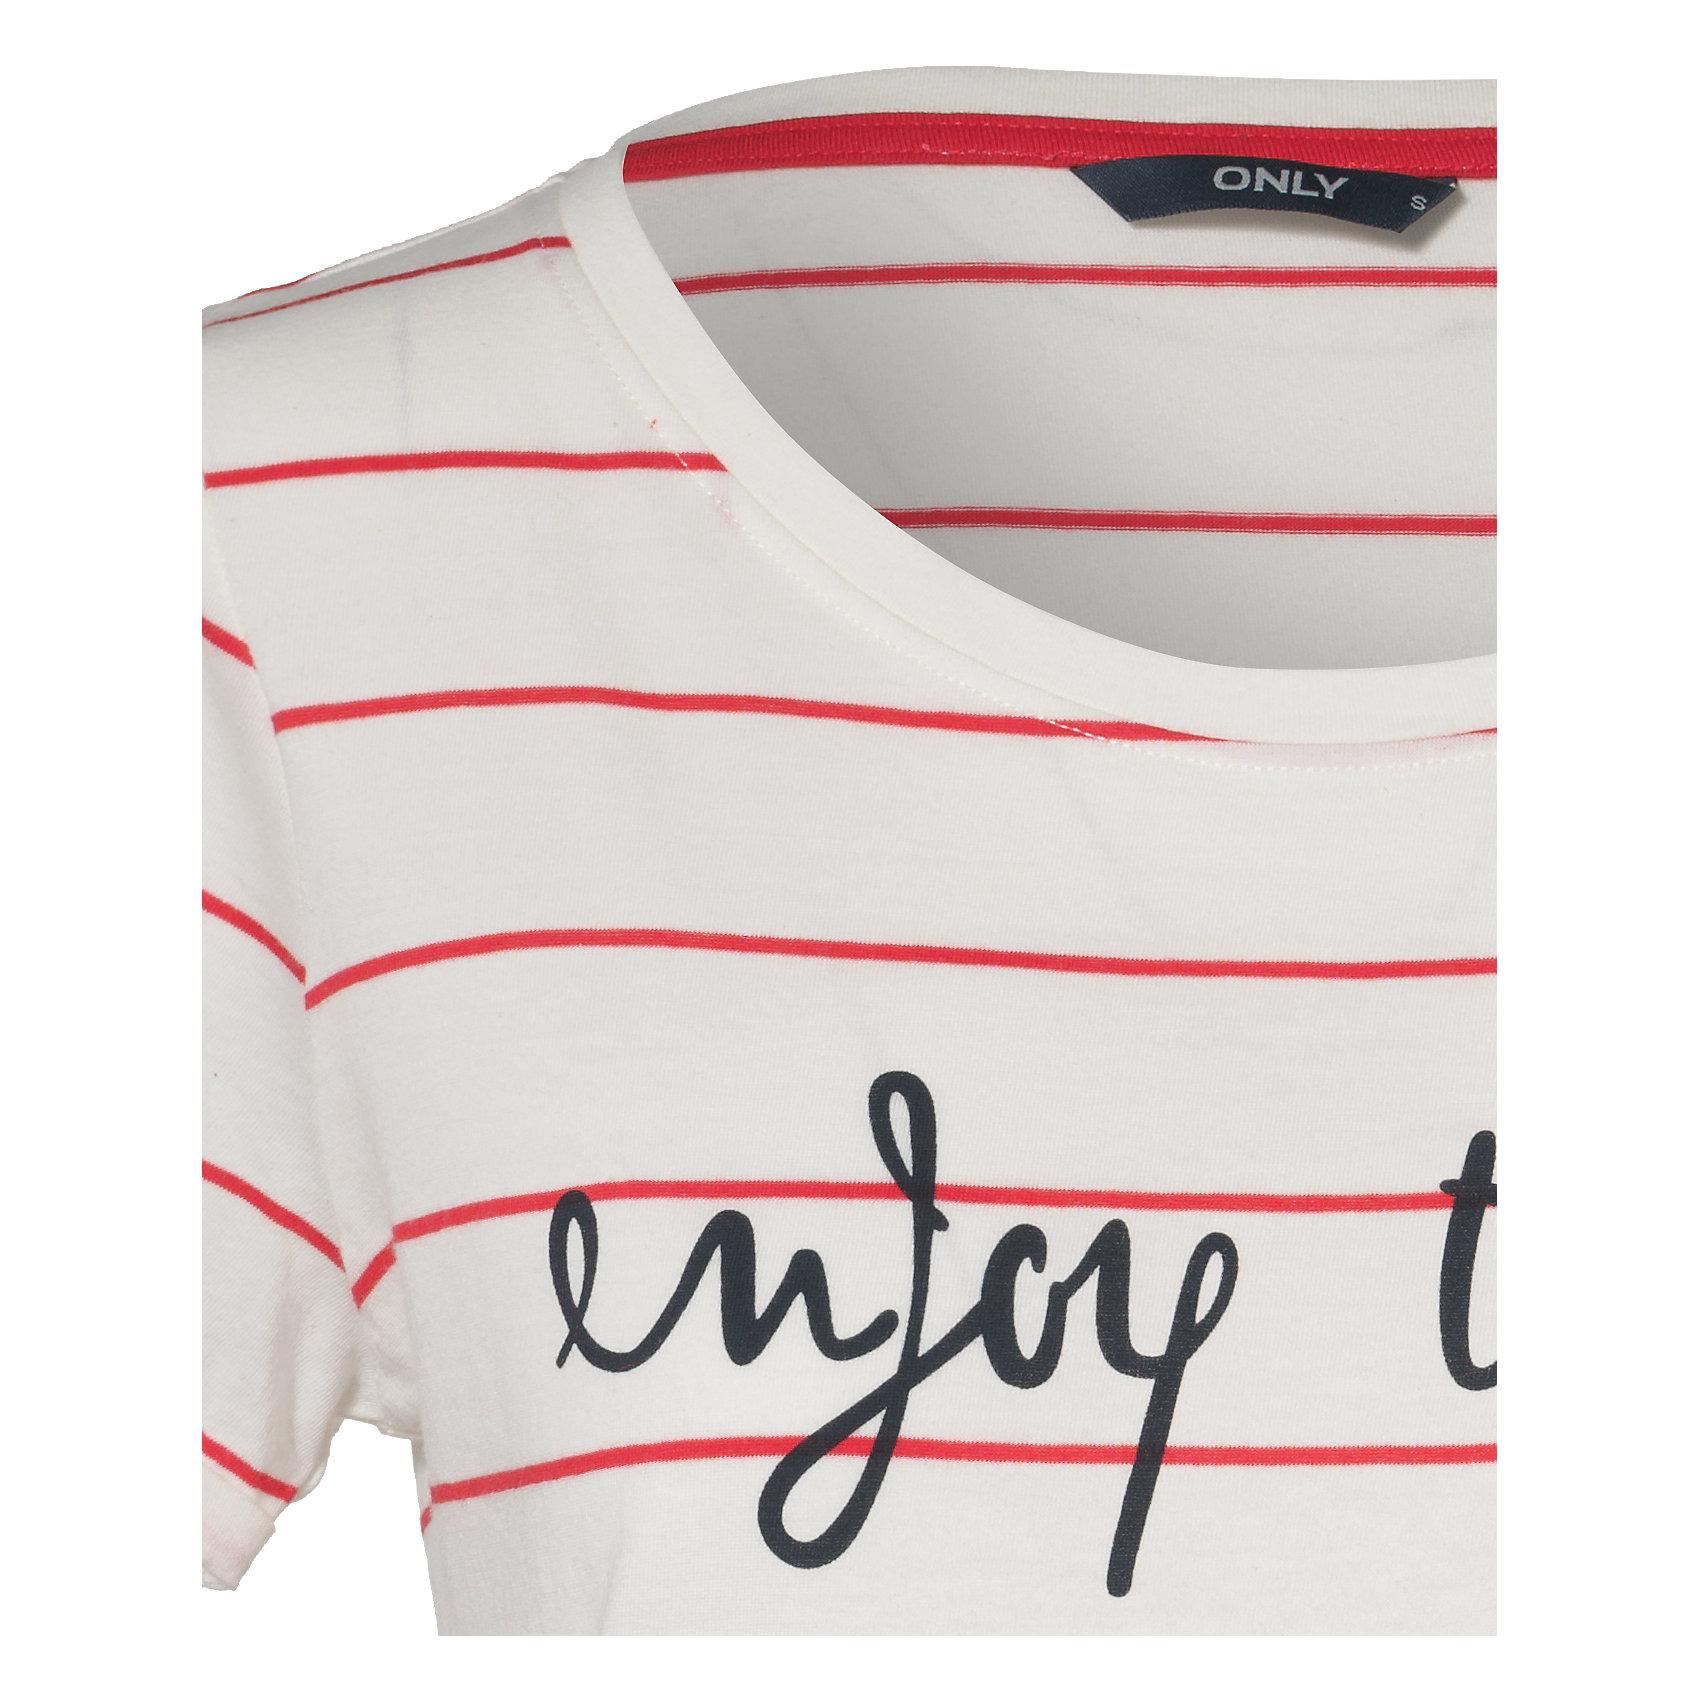 Neu-ONLY-T-Shirt-blau-weiss-rot-weiss-5643501